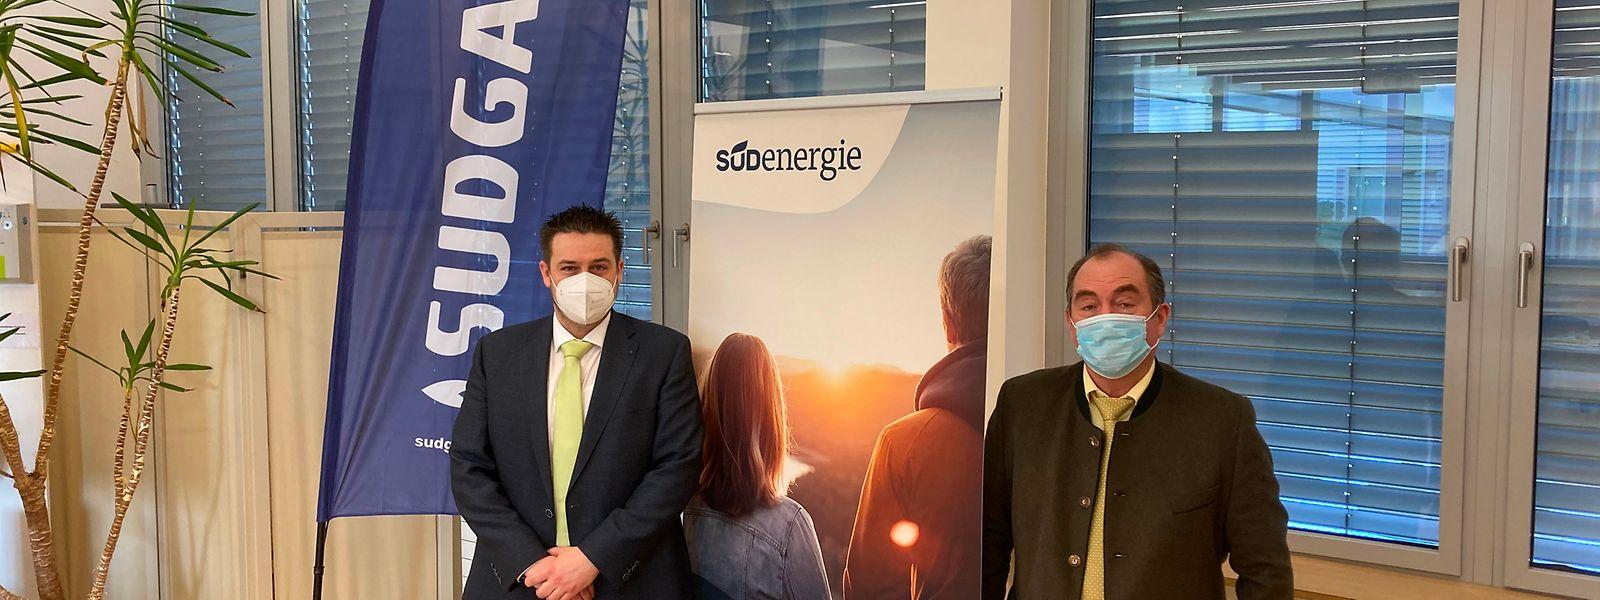 Die im Süden bekannte Marke Sudgaz wird für die Erdgassparte von Südenergie weiterbestehen, so Direktor Alain Fürpass (l.) und Präsident Romain Rosenfeld.